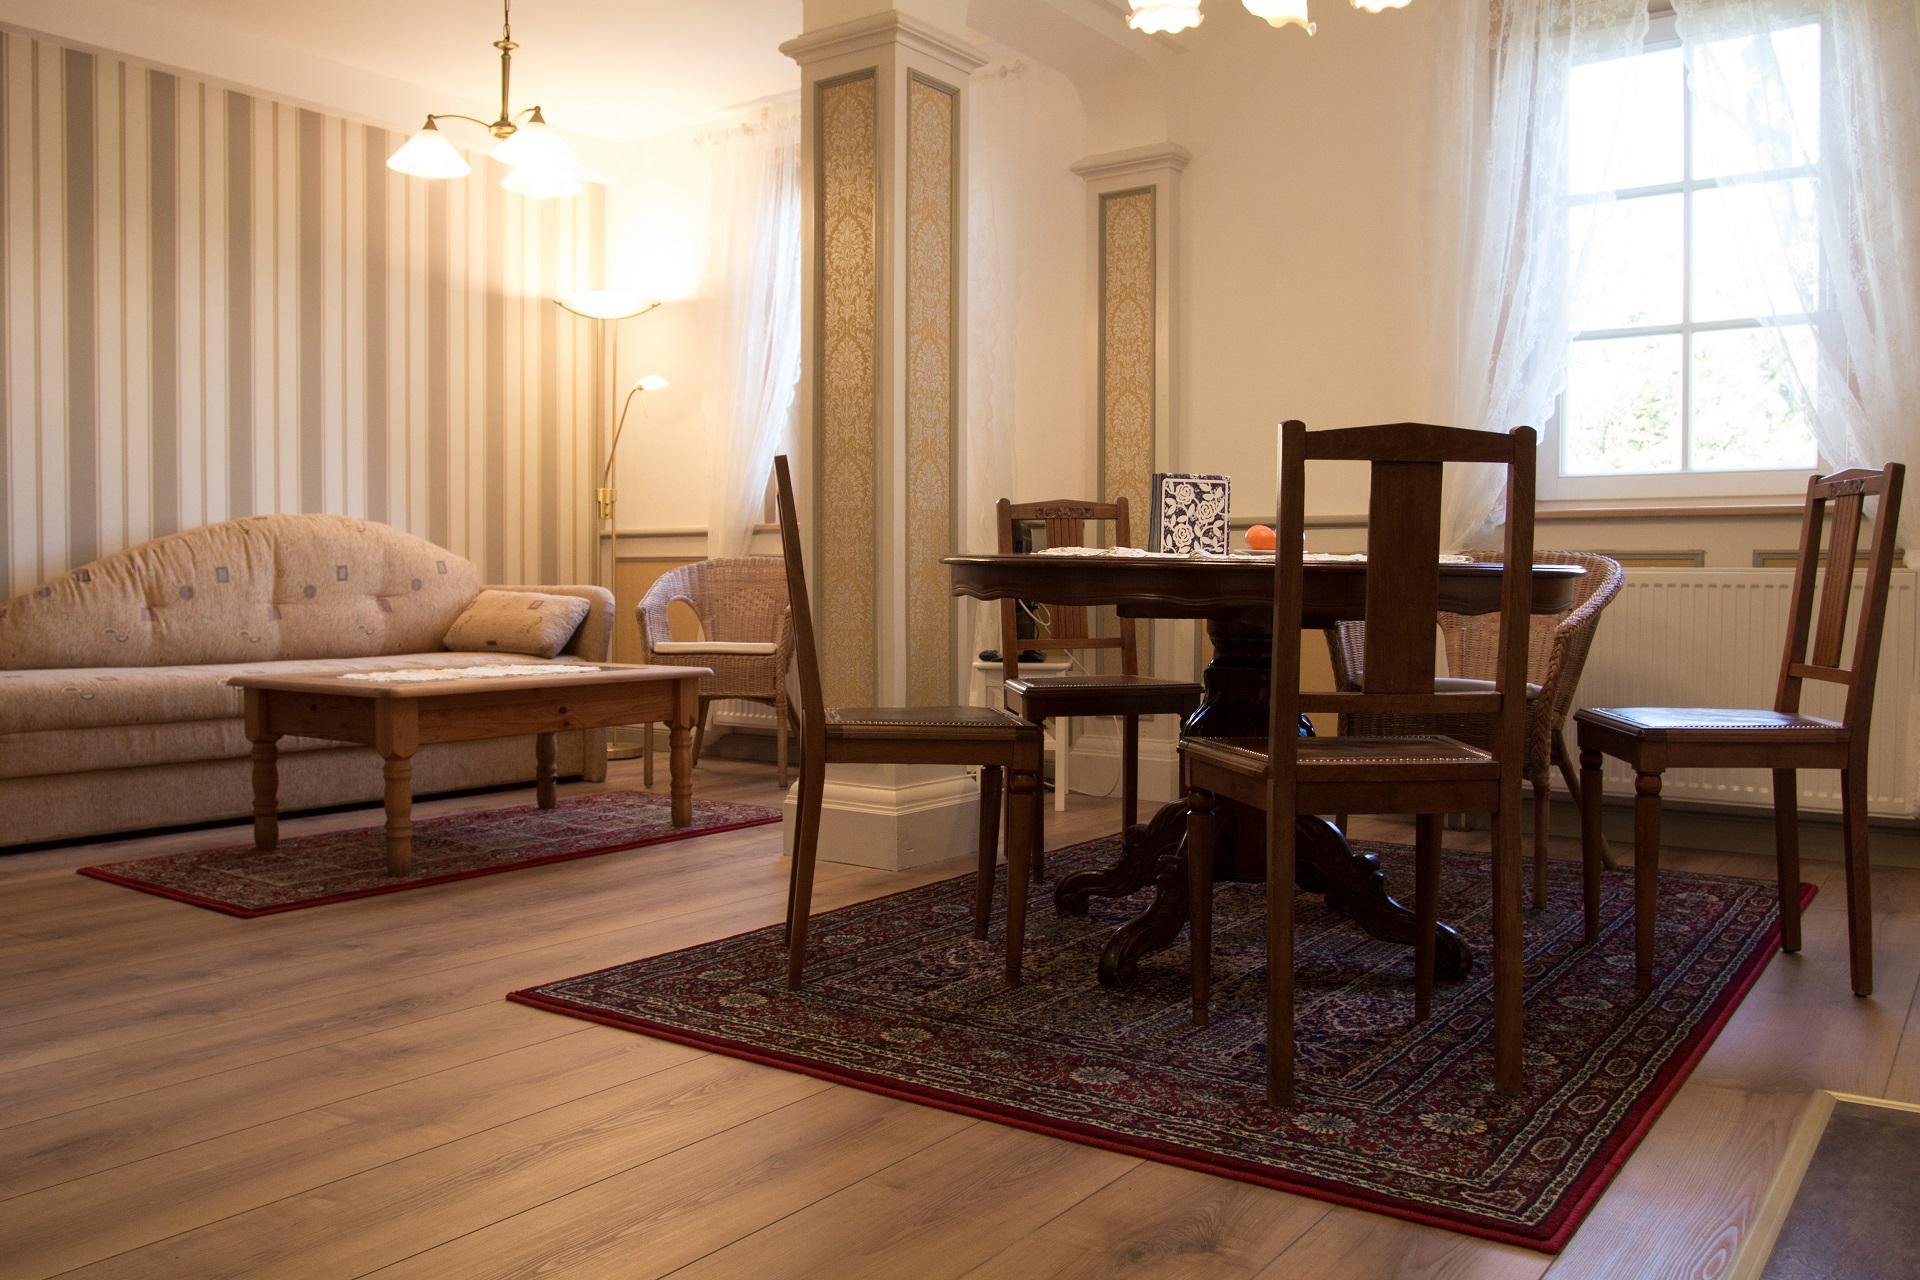 Ferienwohnung Ratssaal - Wohn- und Essbereich